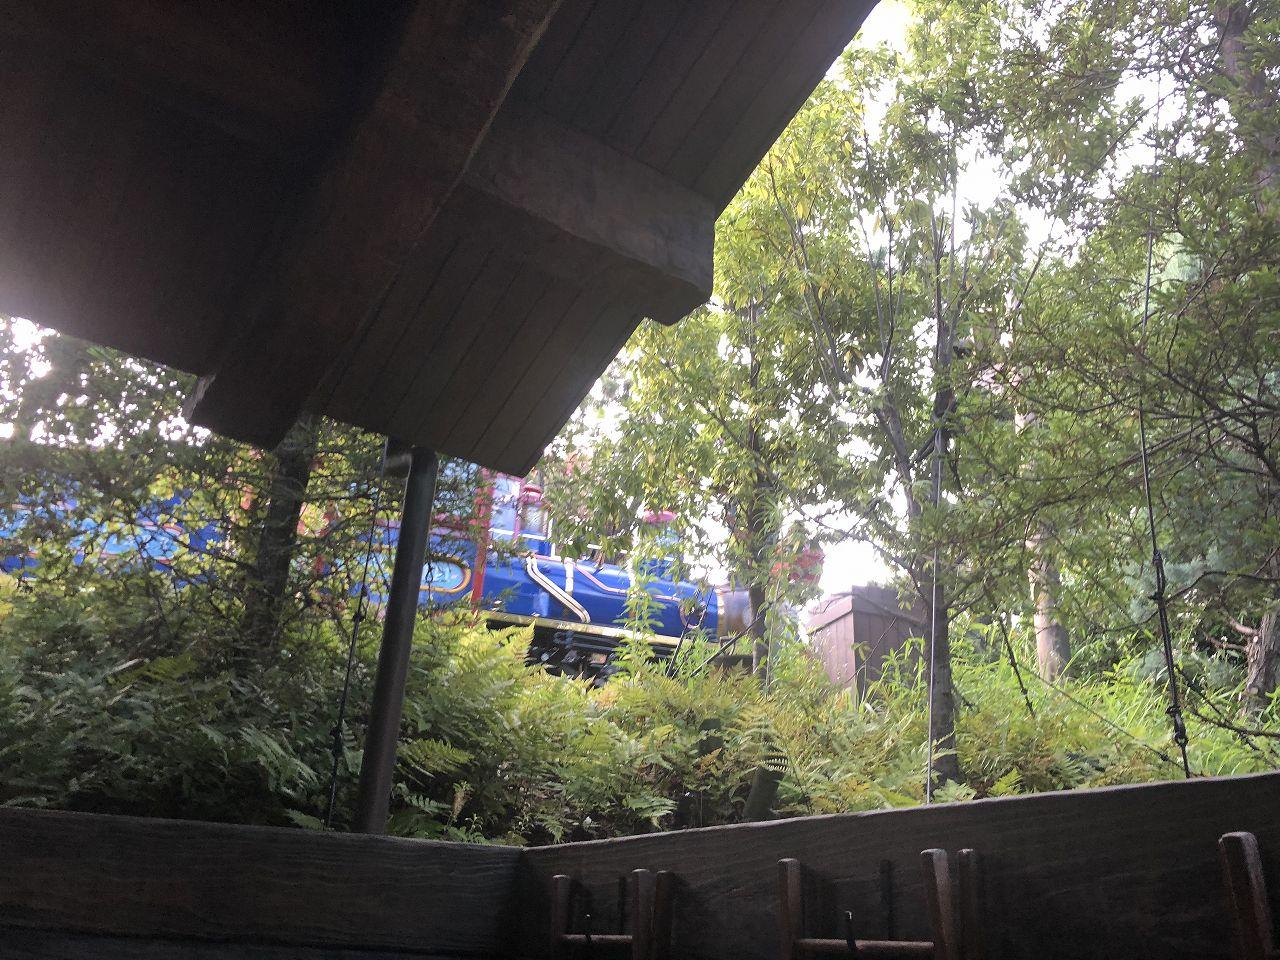 ディズニーランドの機関車